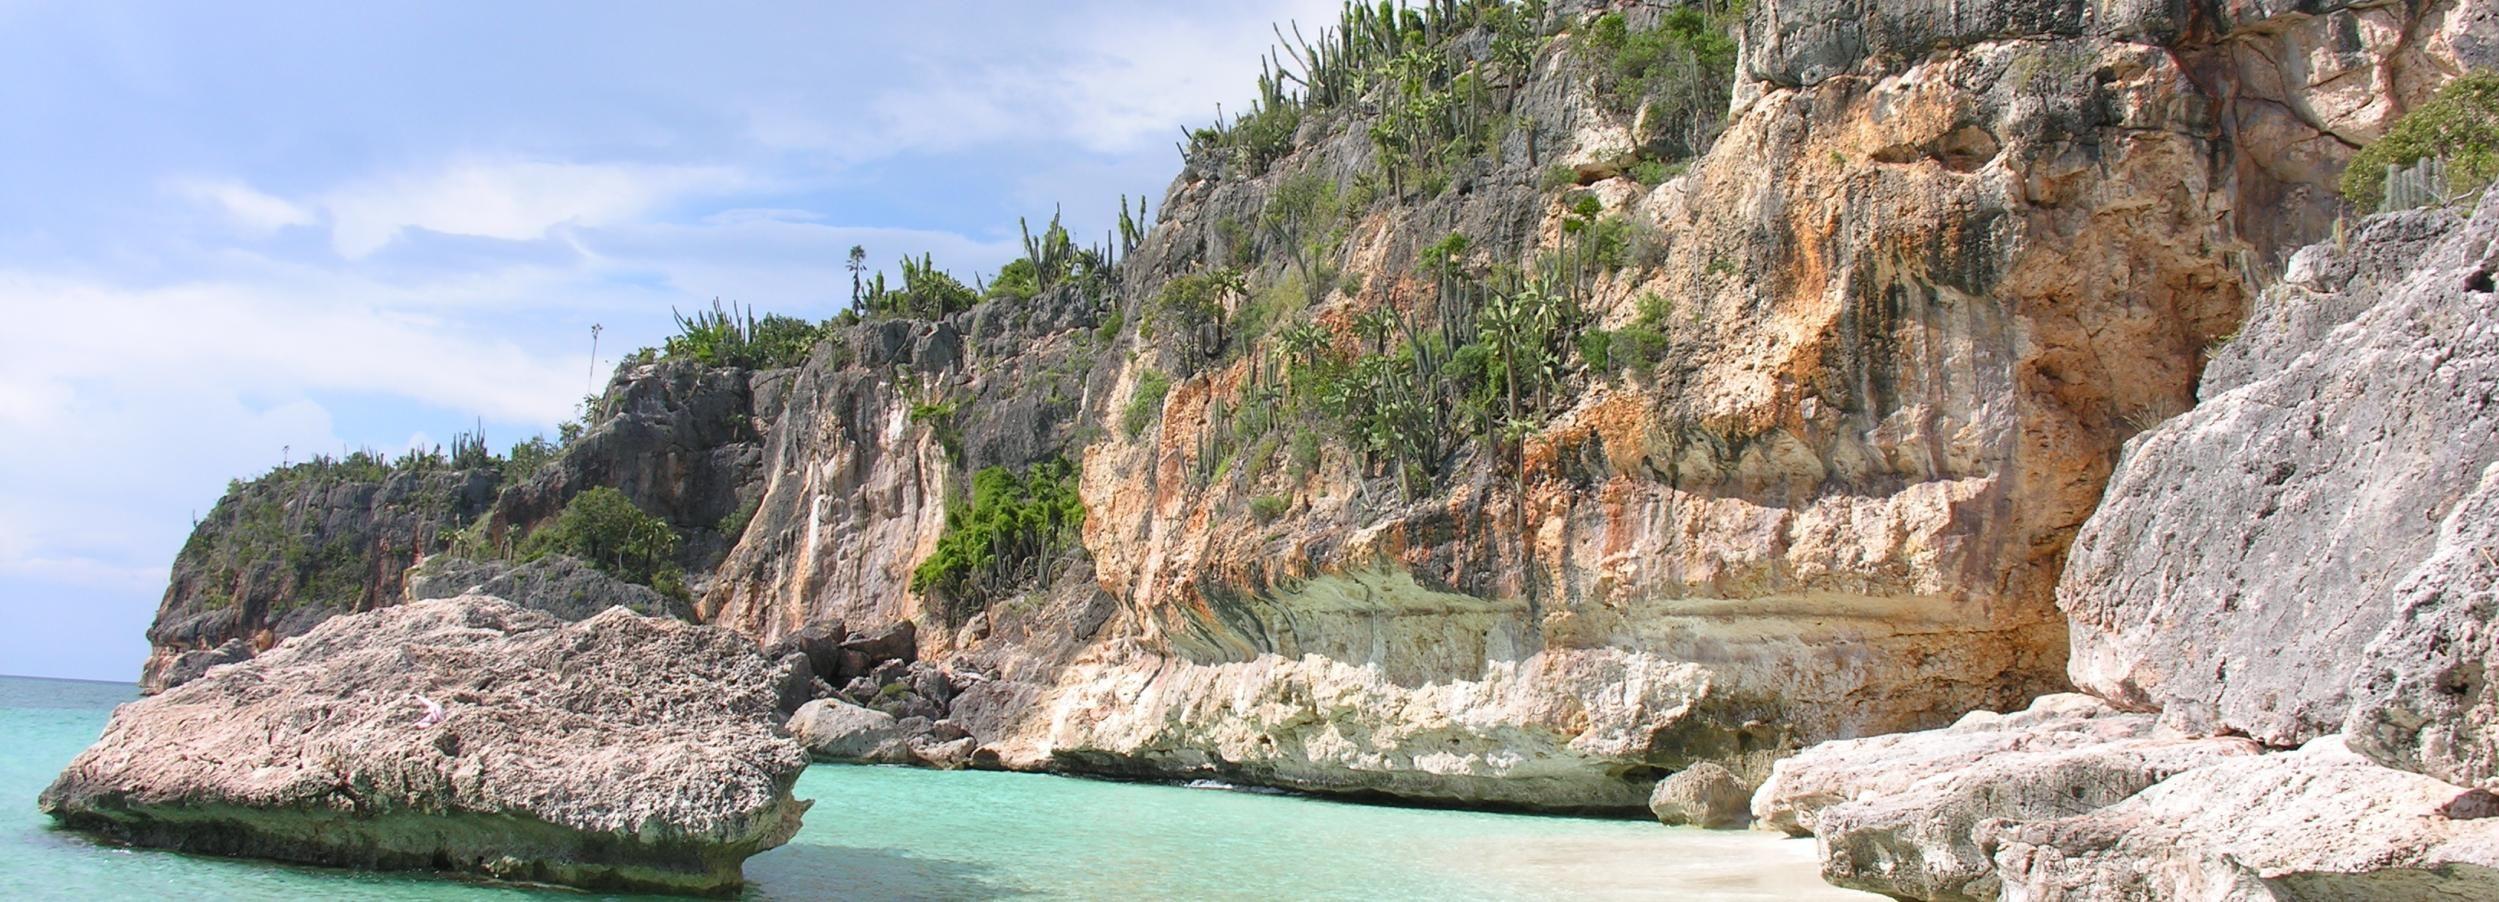 Bahía de las Aguilas: excursion d'une journée à la plage en bateau